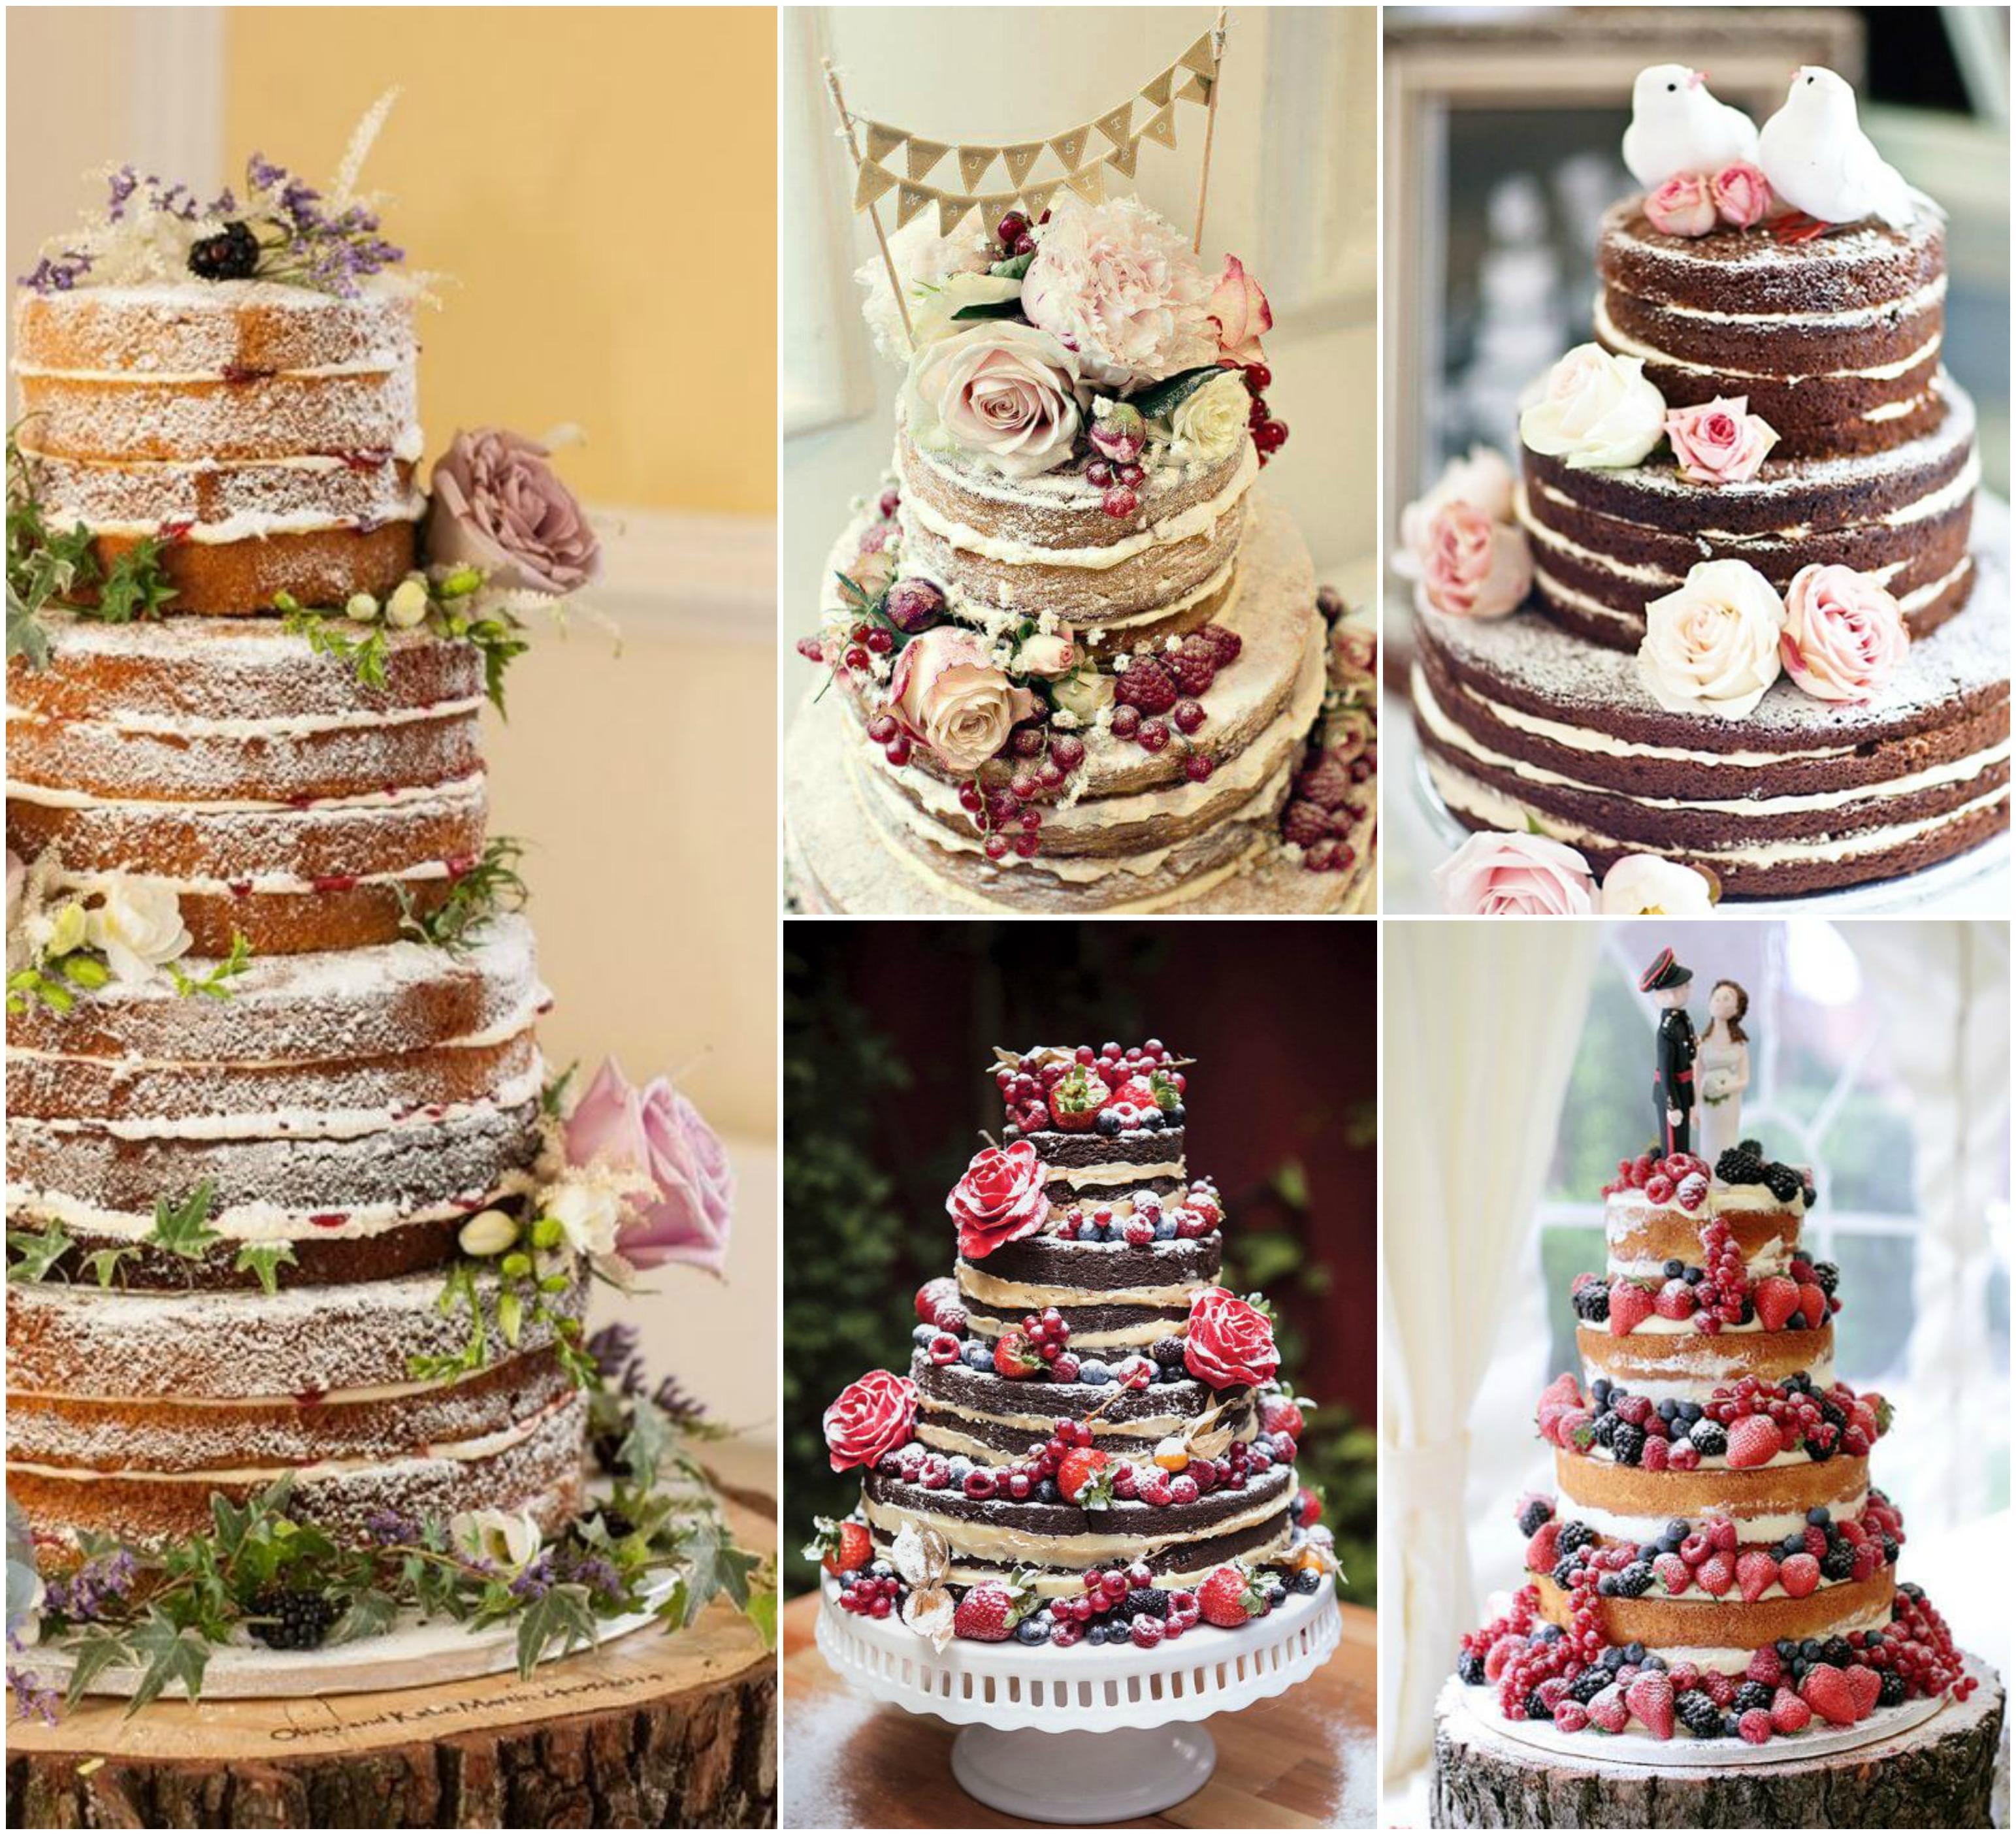 Naked cake para bolo de casamento